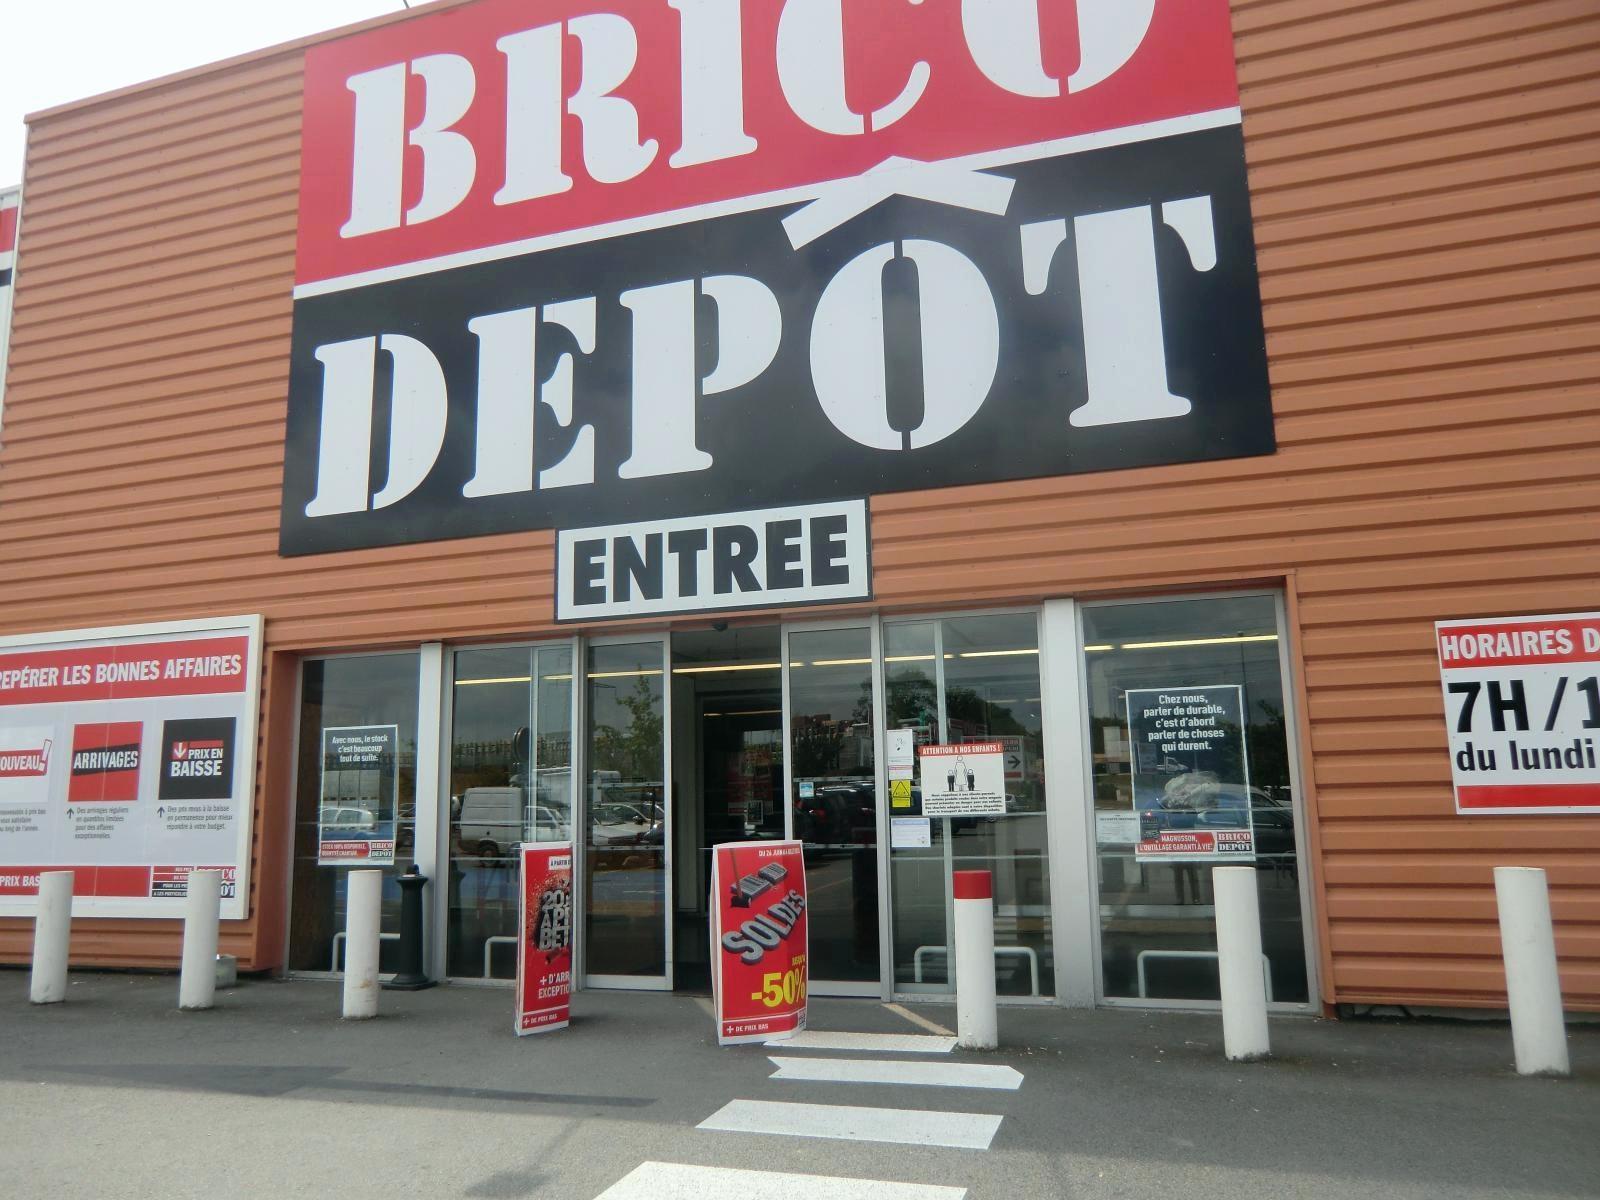 Salle De Bains Brico Depot Nouveau Photographie Avoir Un Beau Jardin Nouveau Salle De Bain De Luxe Brico Depot Abri